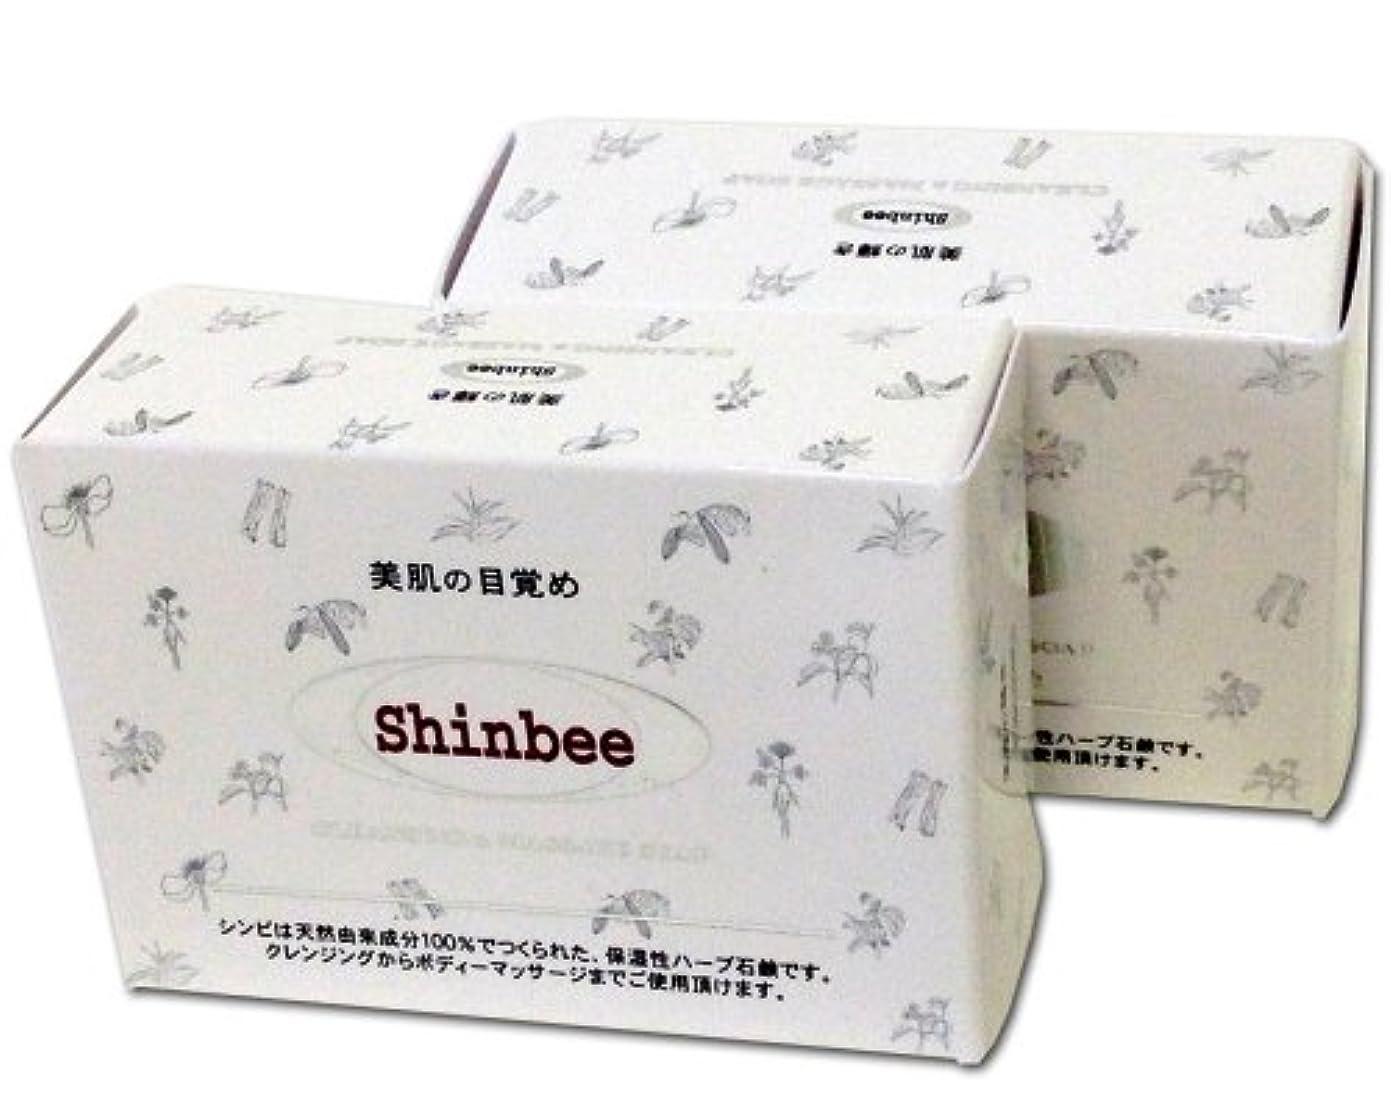 専門化する泥だらけクラブシンビ韓方ハーブ石鹸 (2個セット)